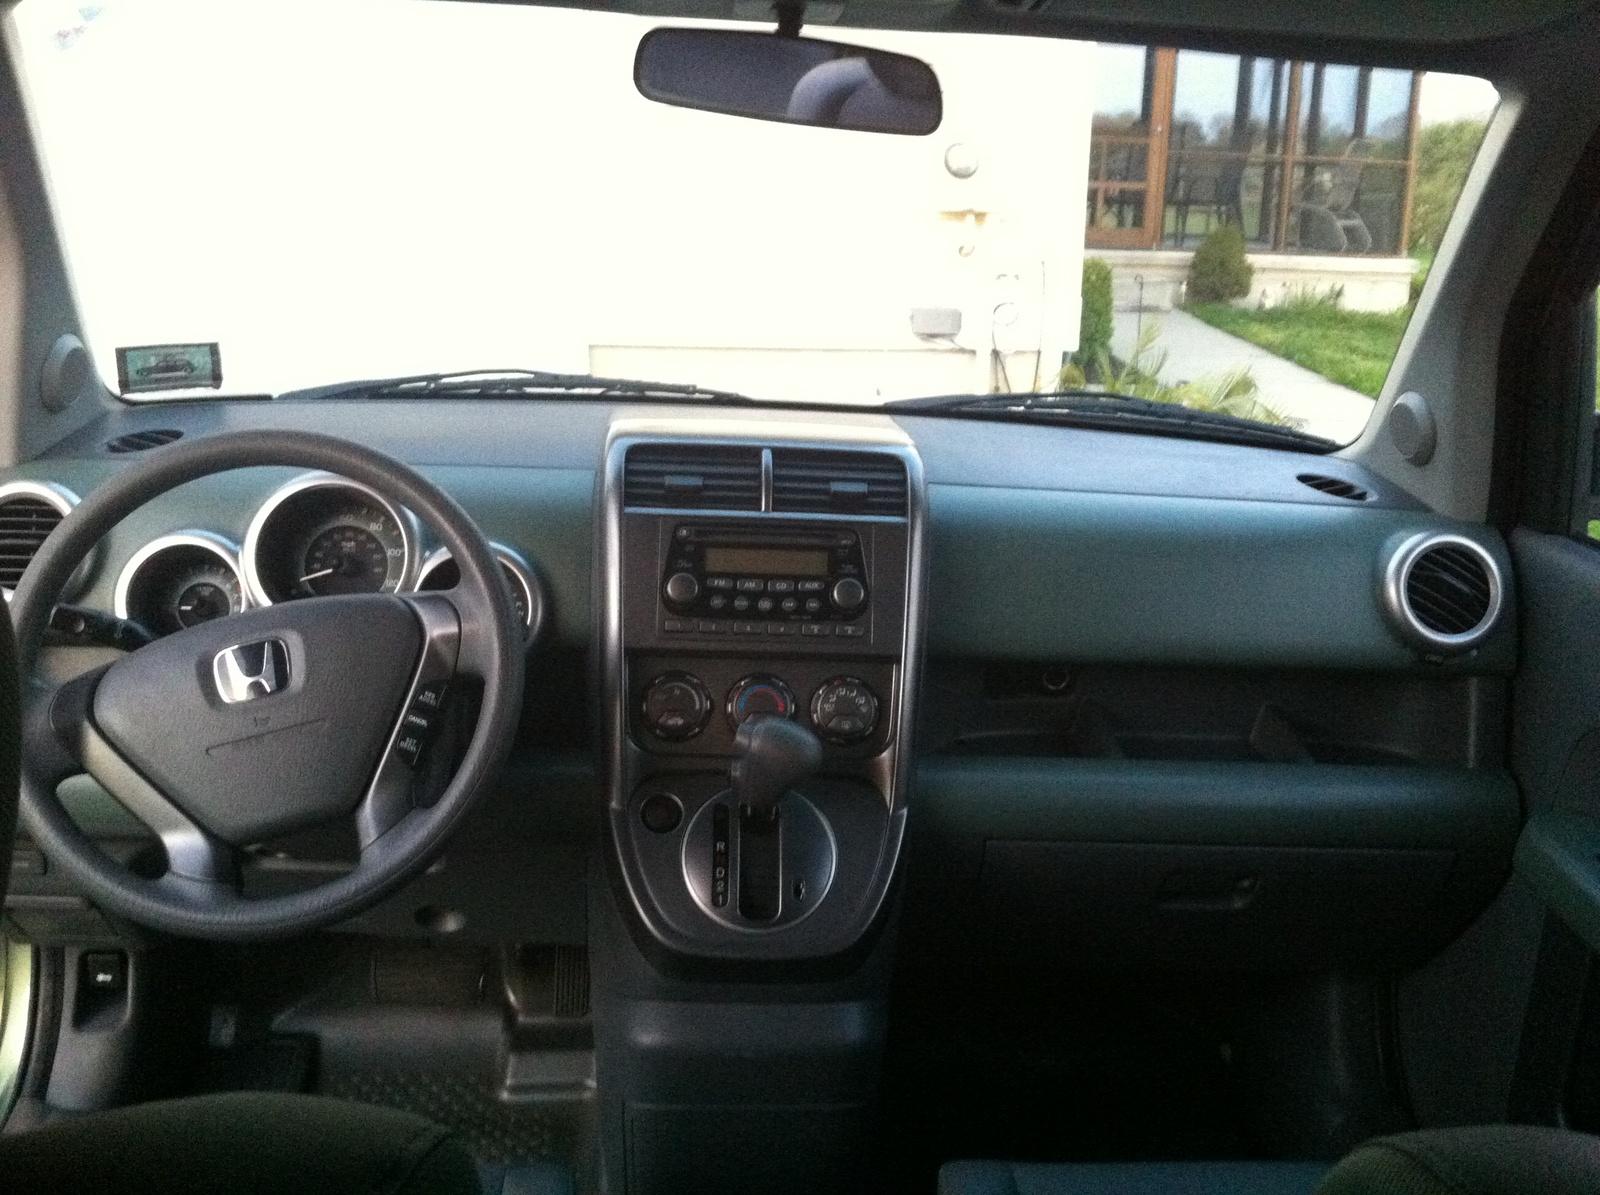 2004 Honda Element - Interior Pictures - CarGurus